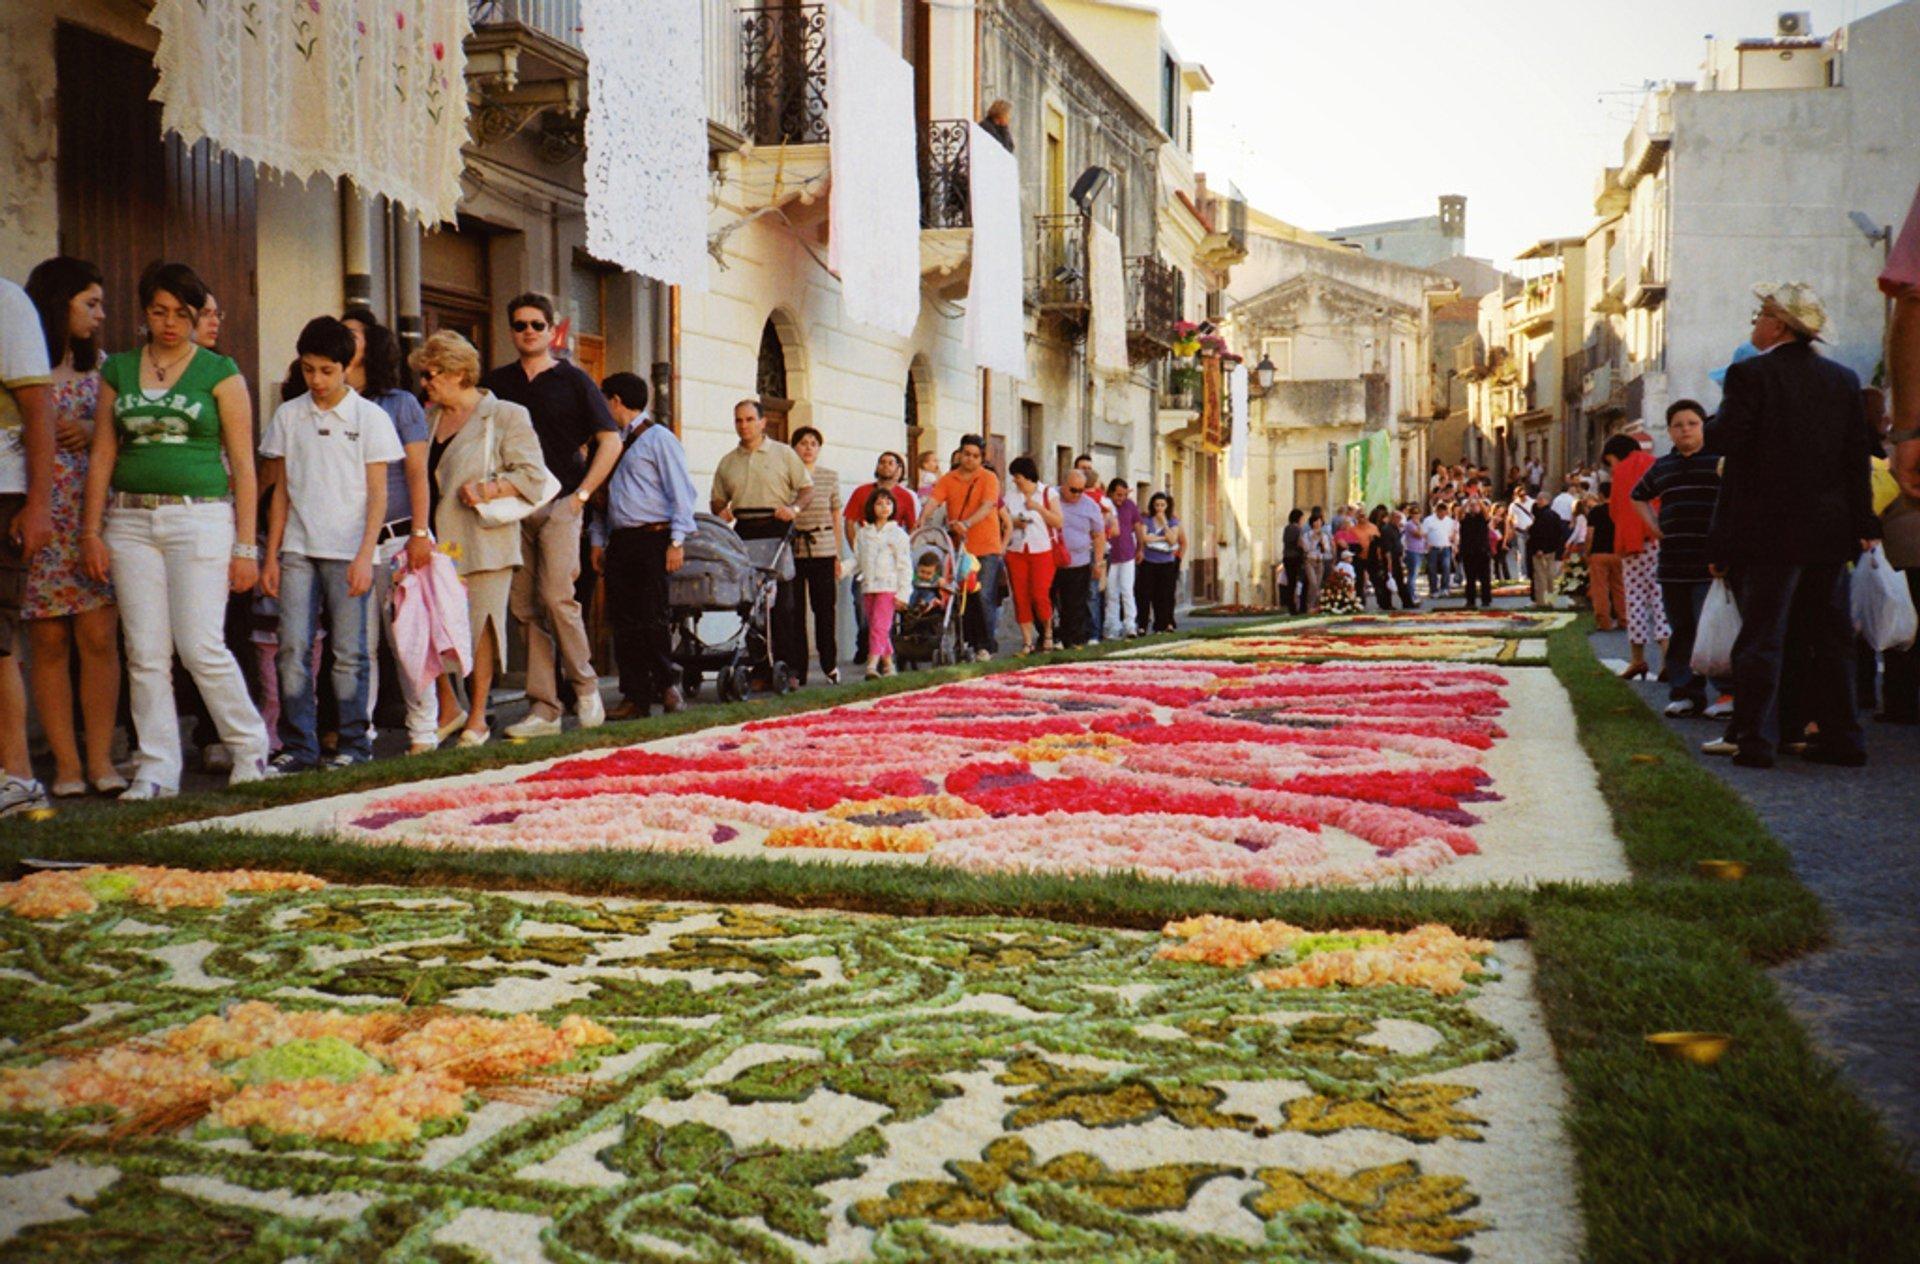 Infiorata Flower Carpet Festivals in Italy - Best Season 2019